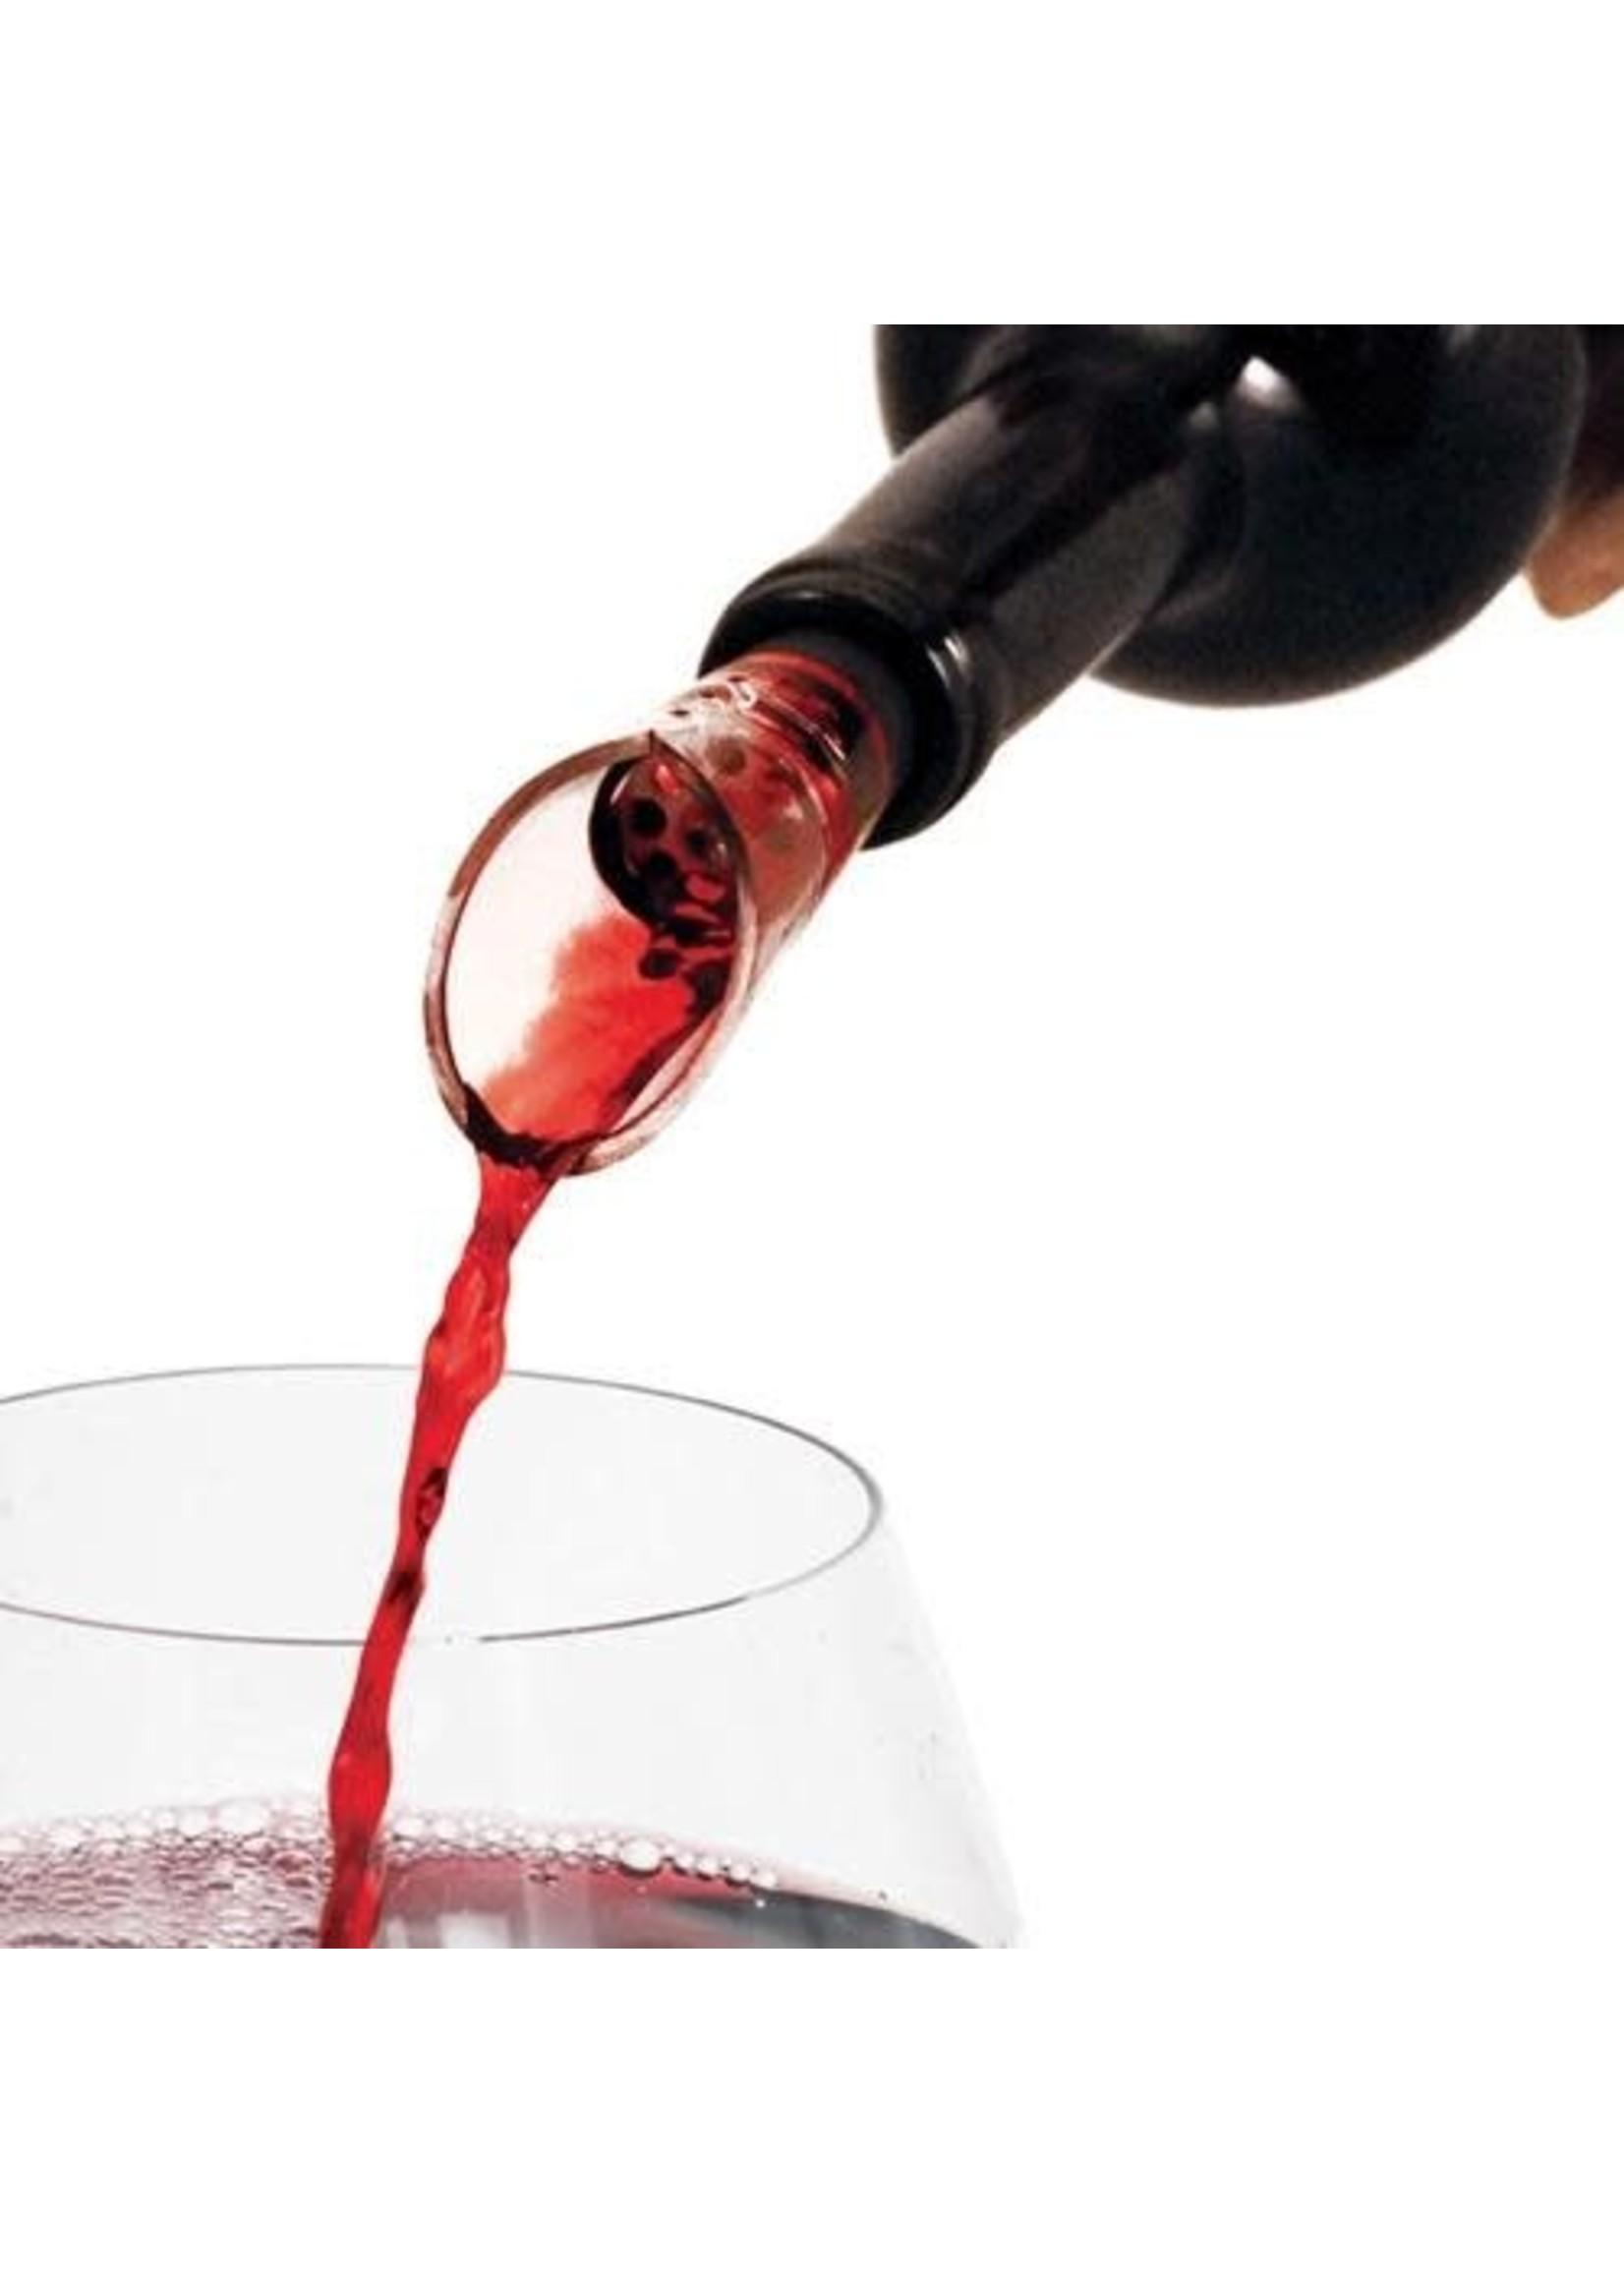 True Brands Aerial: Aerating Wine Pourer